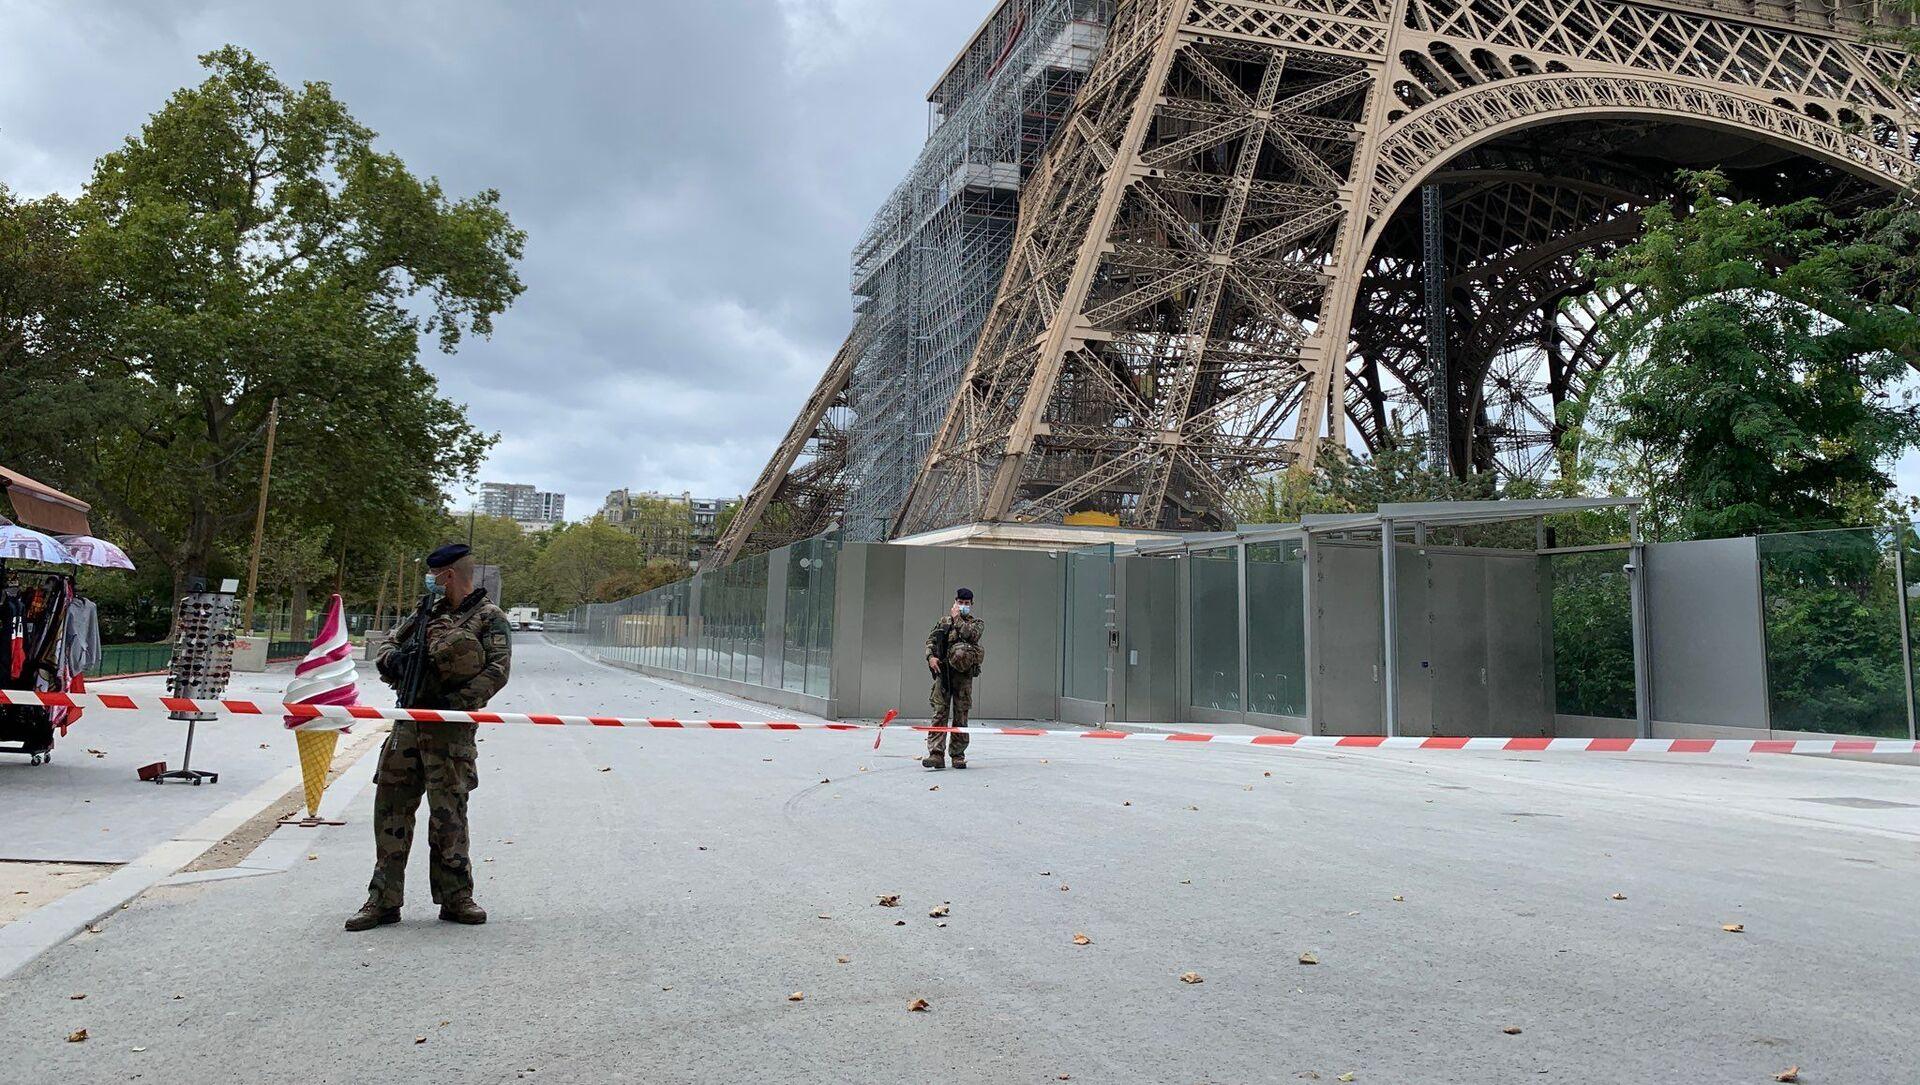 Des policiers près de la Tour Eiffel le 23 septembre 2020 - Sputnik France, 1920, 27.03.2021